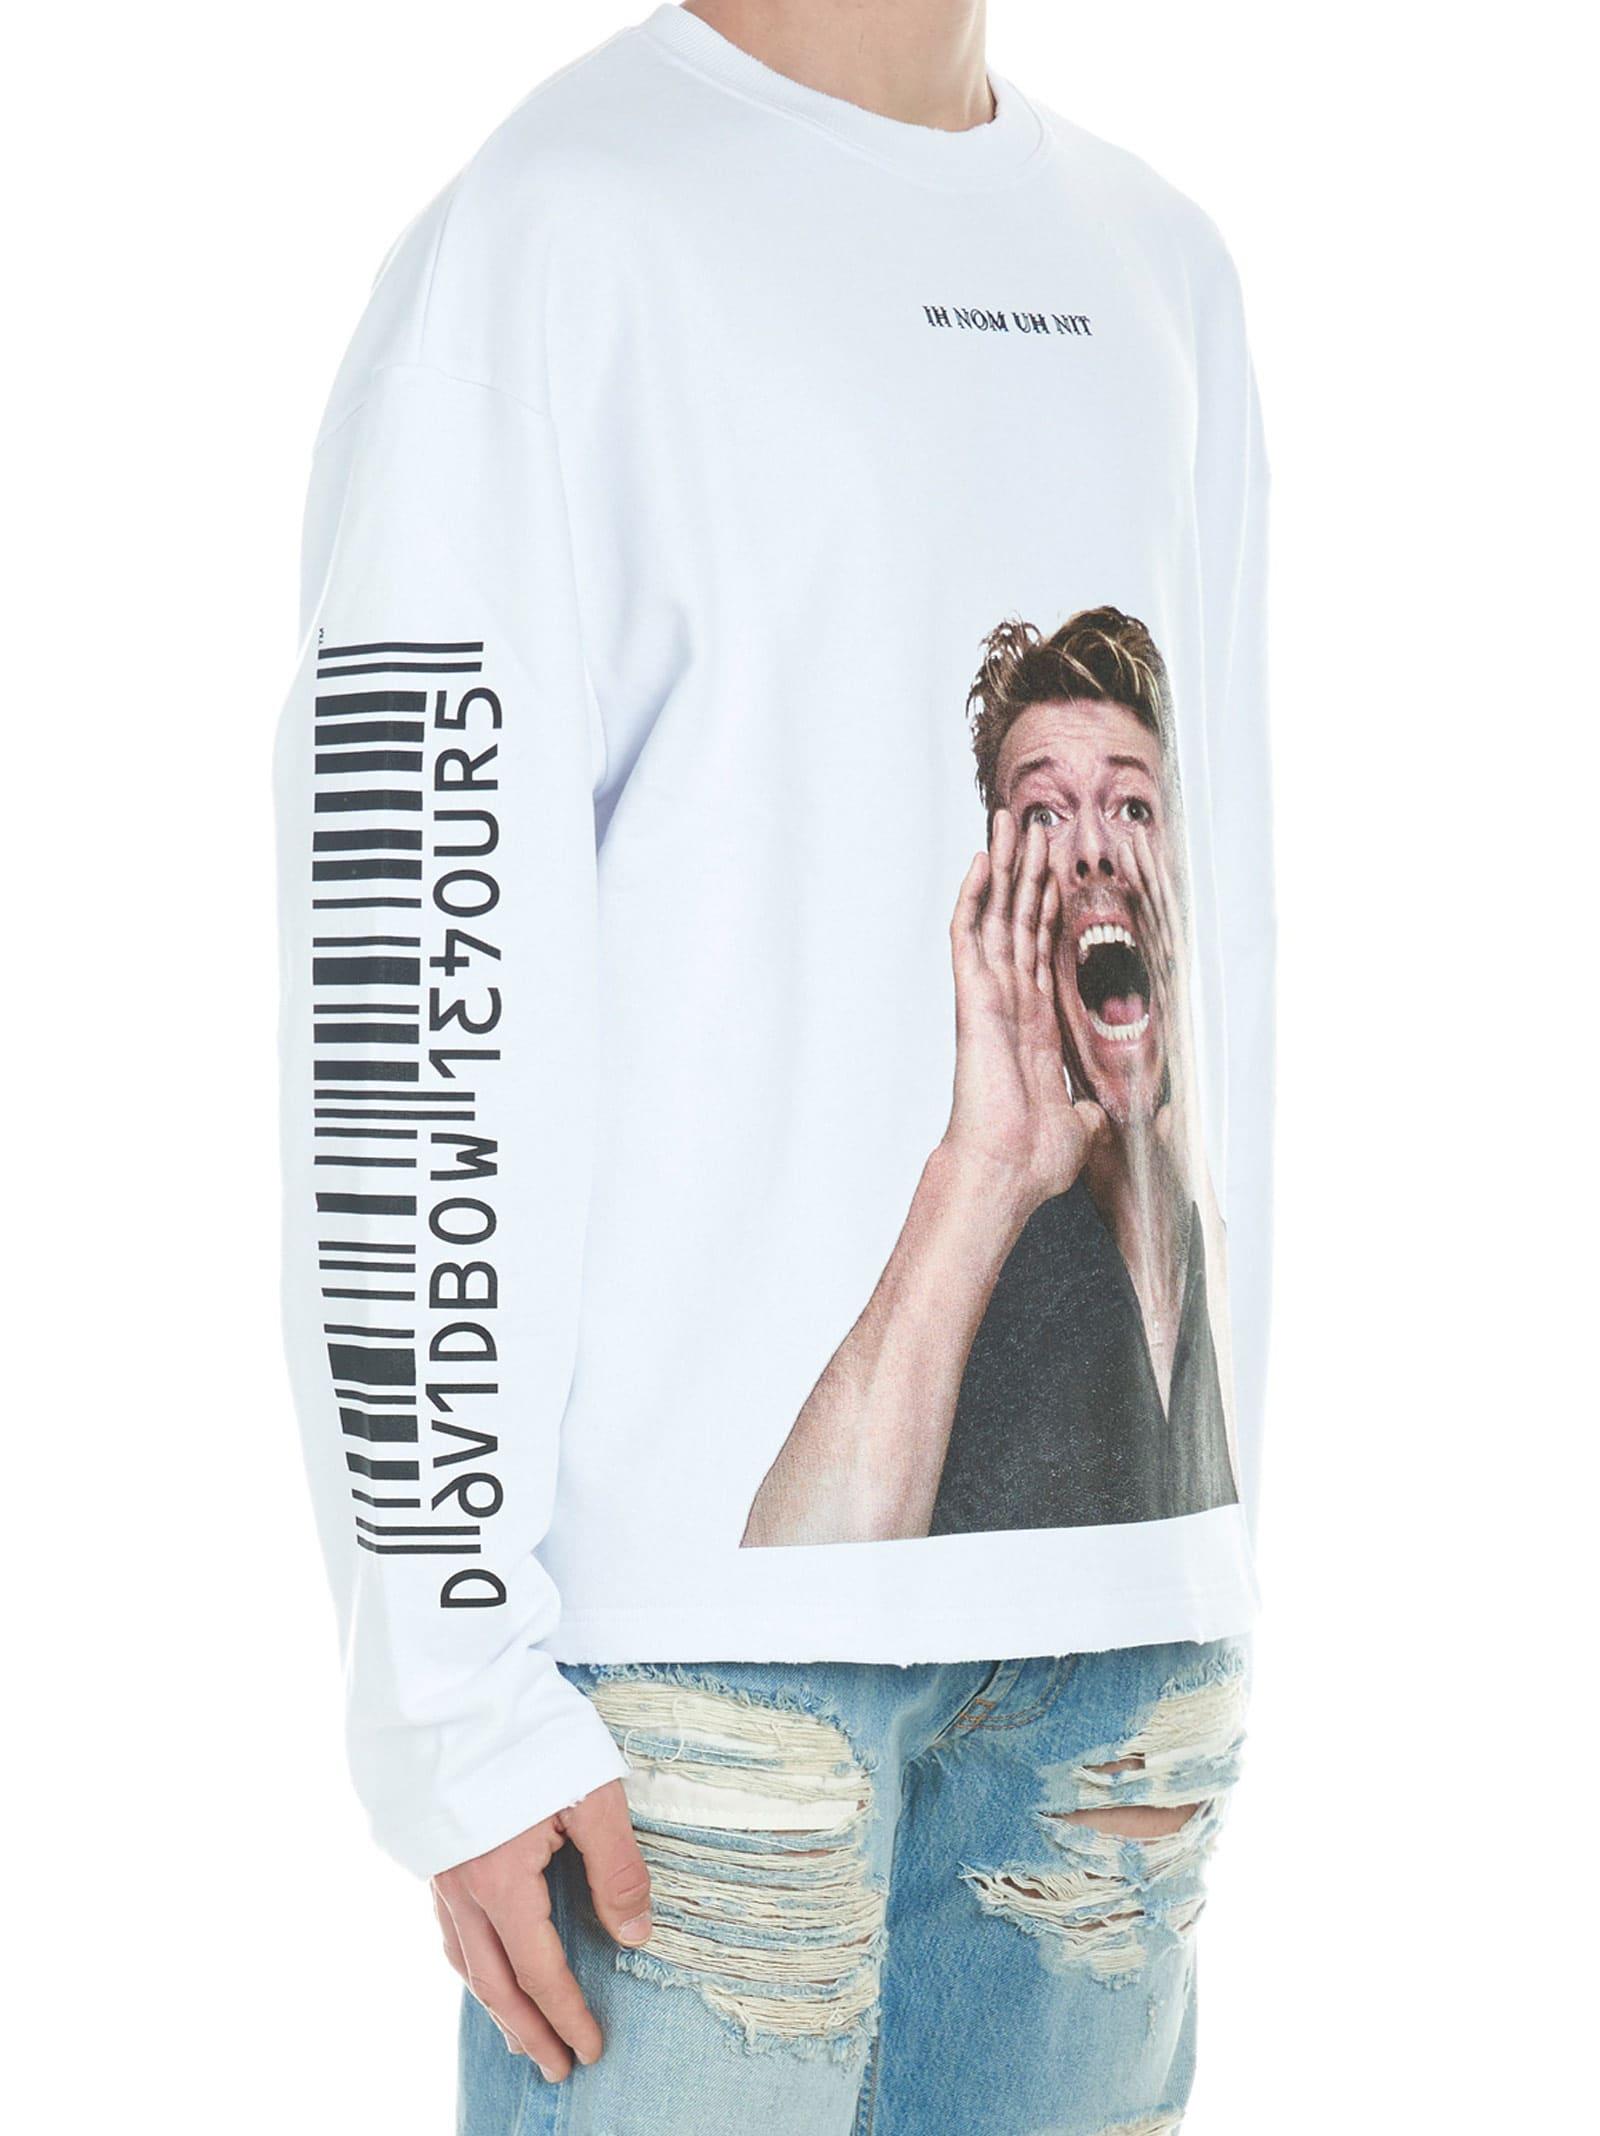 High Quality Ih Nom Uh Nit 'bowie Scream' Sweatshirt - Top